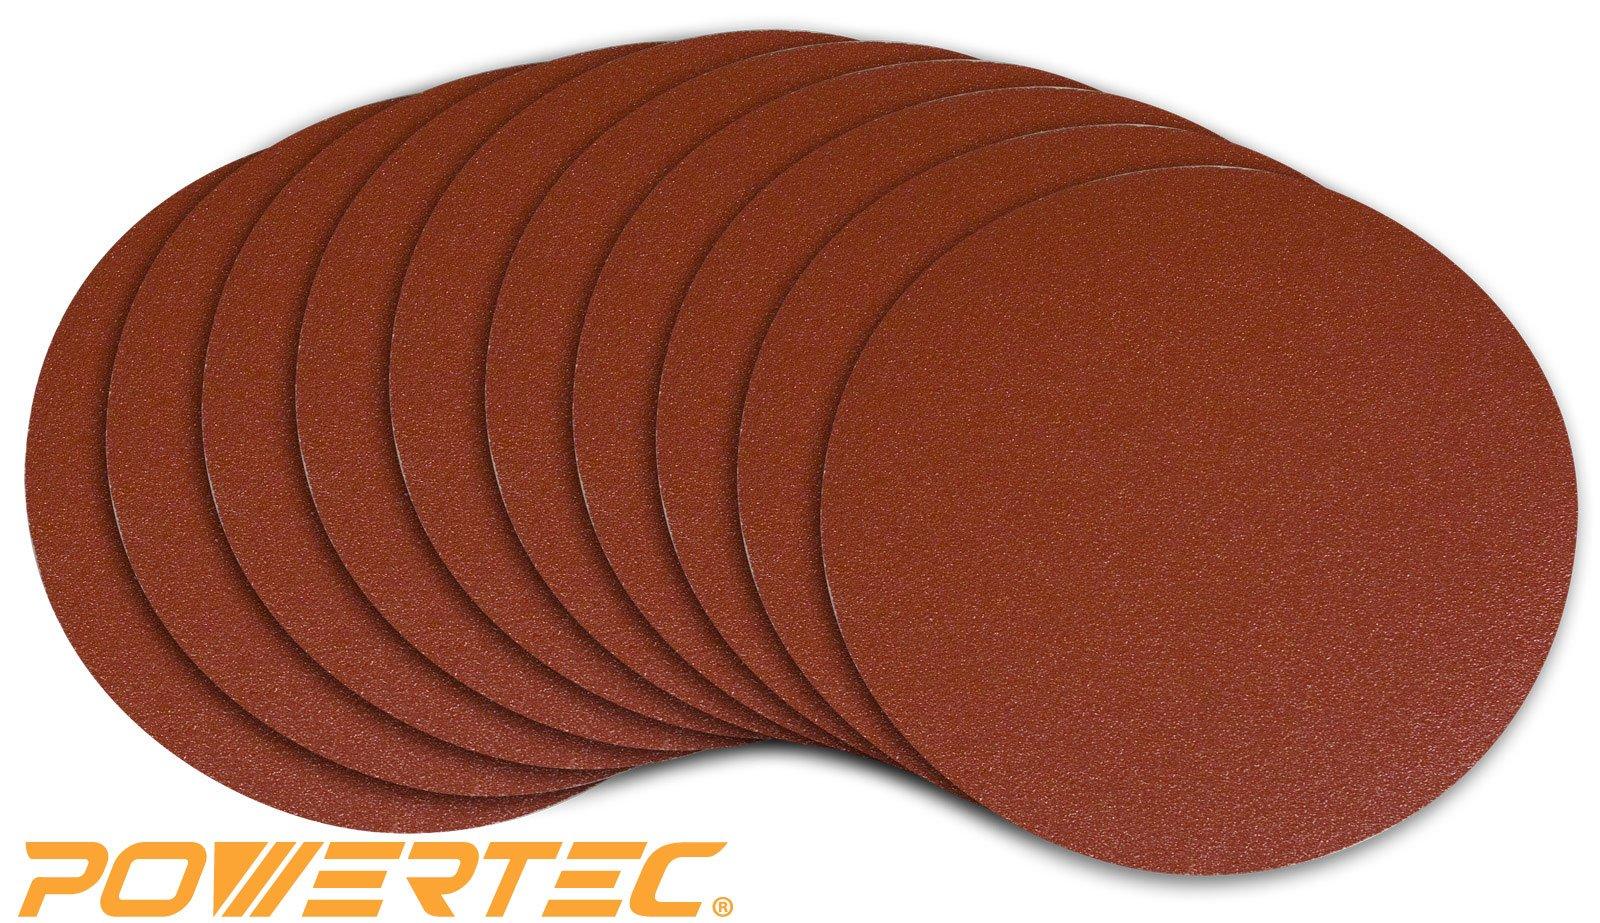 POWERTEC 110550 8'' PSA 80 grit Aluminum Oxide Adhesive Sanding Disc, 10 Pack